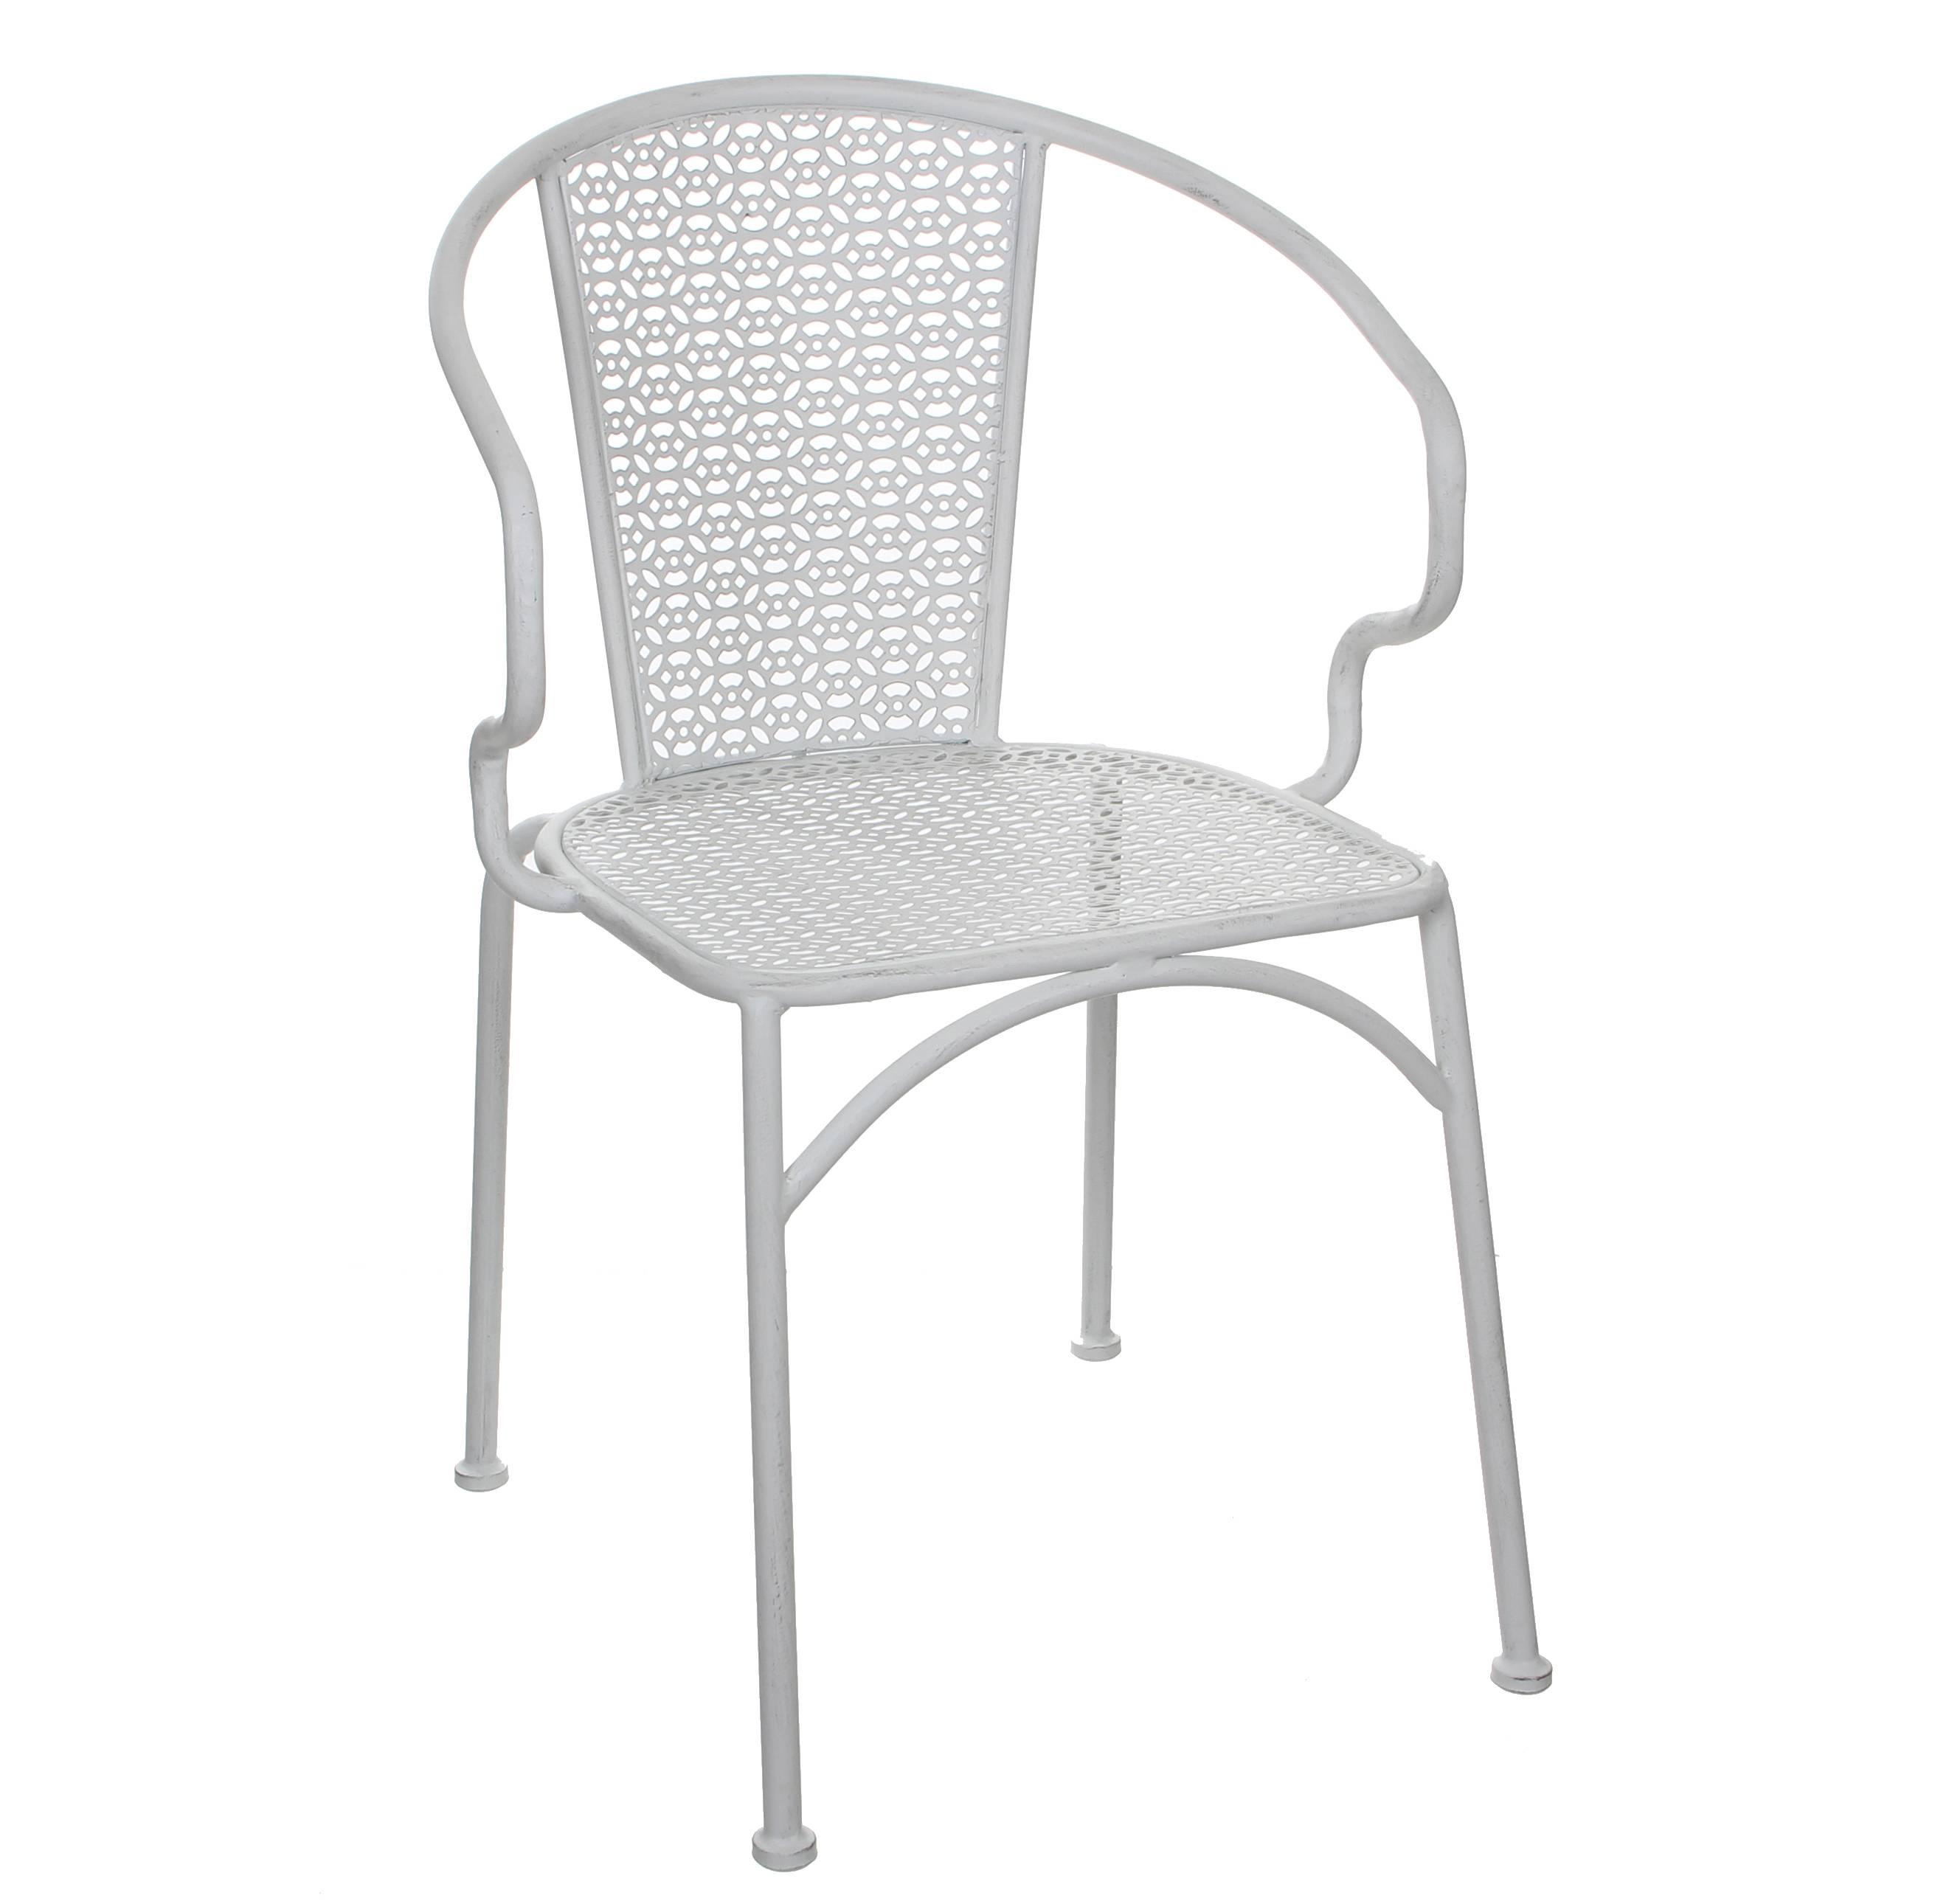 Chaise de Salon de Jardin Siège de Salon Intérieur Extérieur Fauteuil en  Métal Patiné Blanc 54x55x80cm